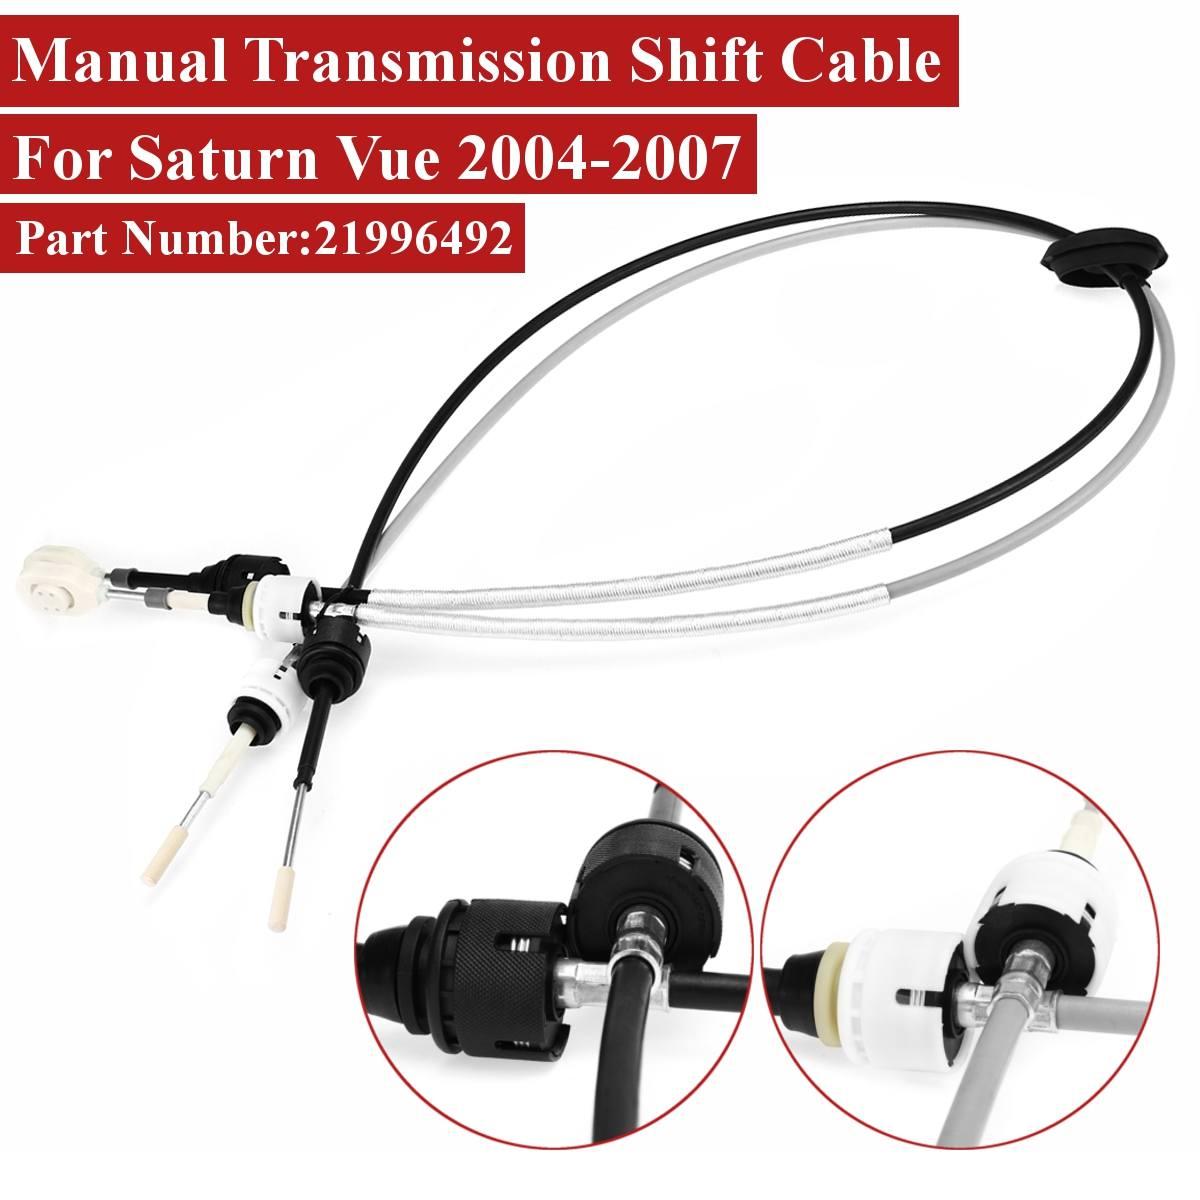 21996492 câble de changement de vitesse de Transmission manuelle pour saturne Vue 2004 2005 2006 2007